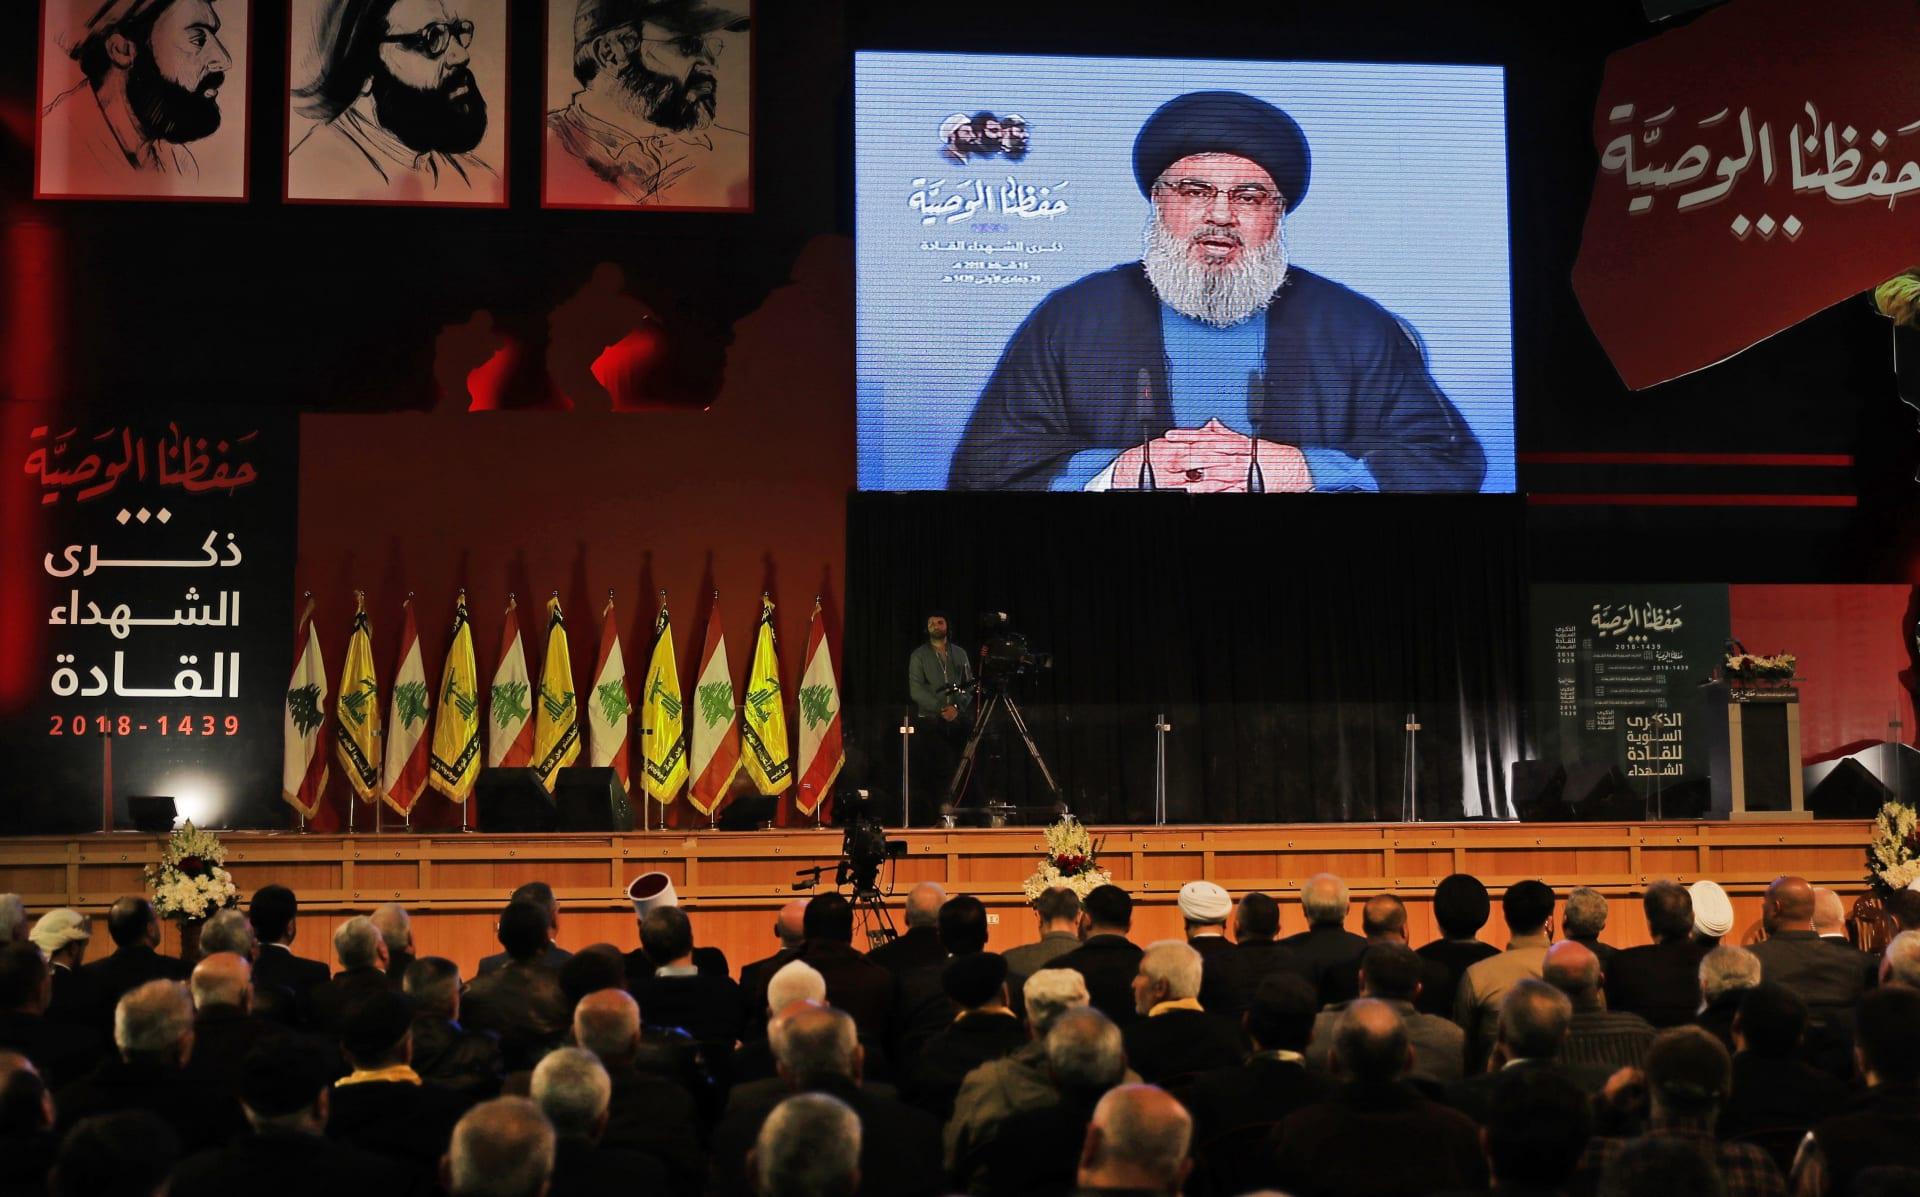 الأمين العام لحزب الله اللبناني في كلمة متلفزة أمام حشد من أنصاره